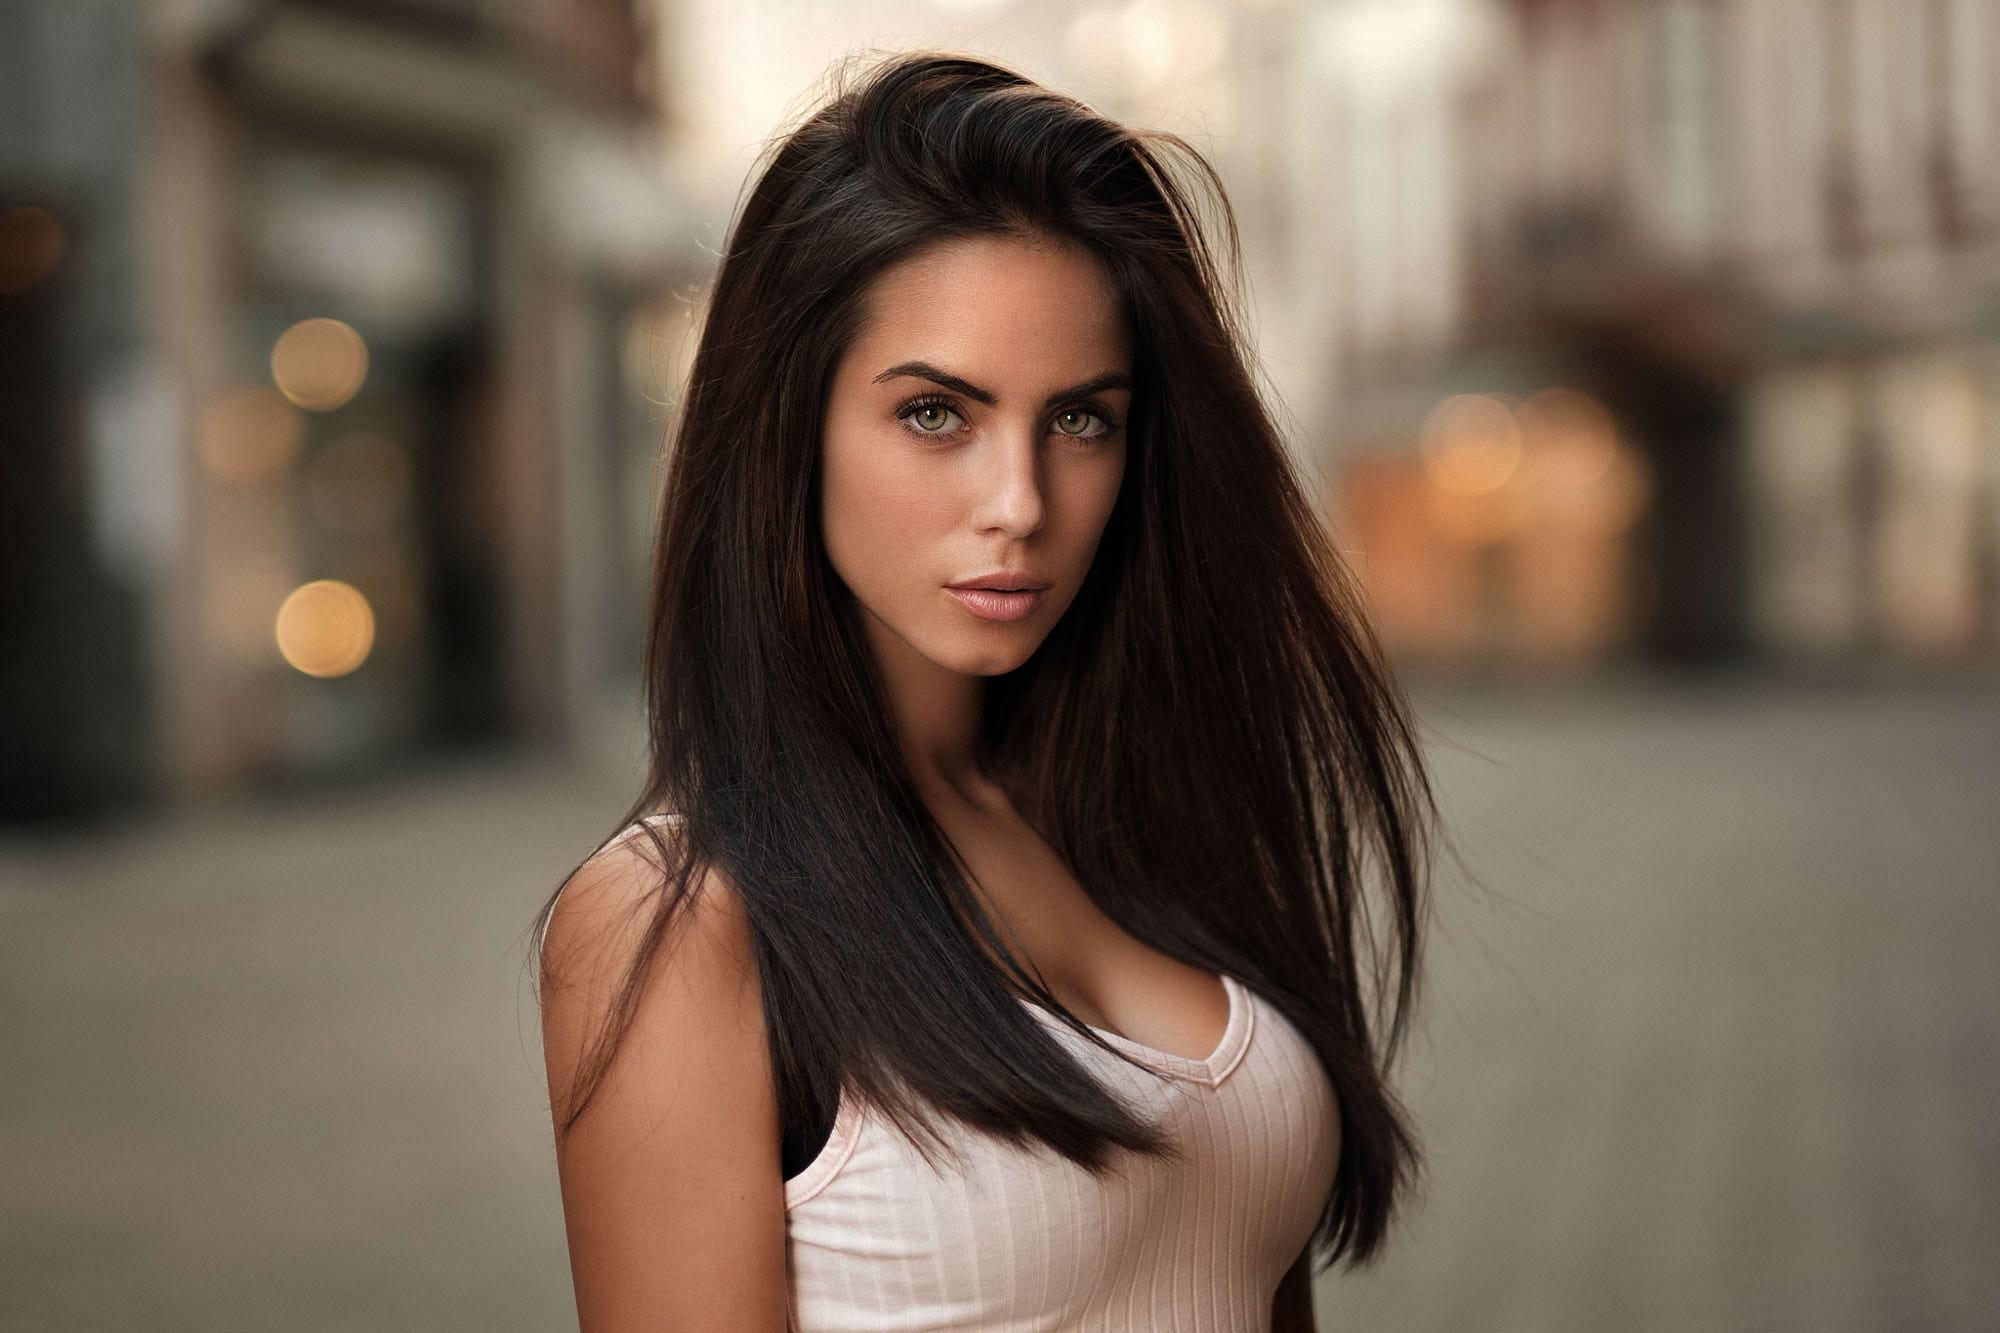 美人なスペイン人女性と出会い彼女にする!セクシーな美女とナンパで付き合う(画像あり)